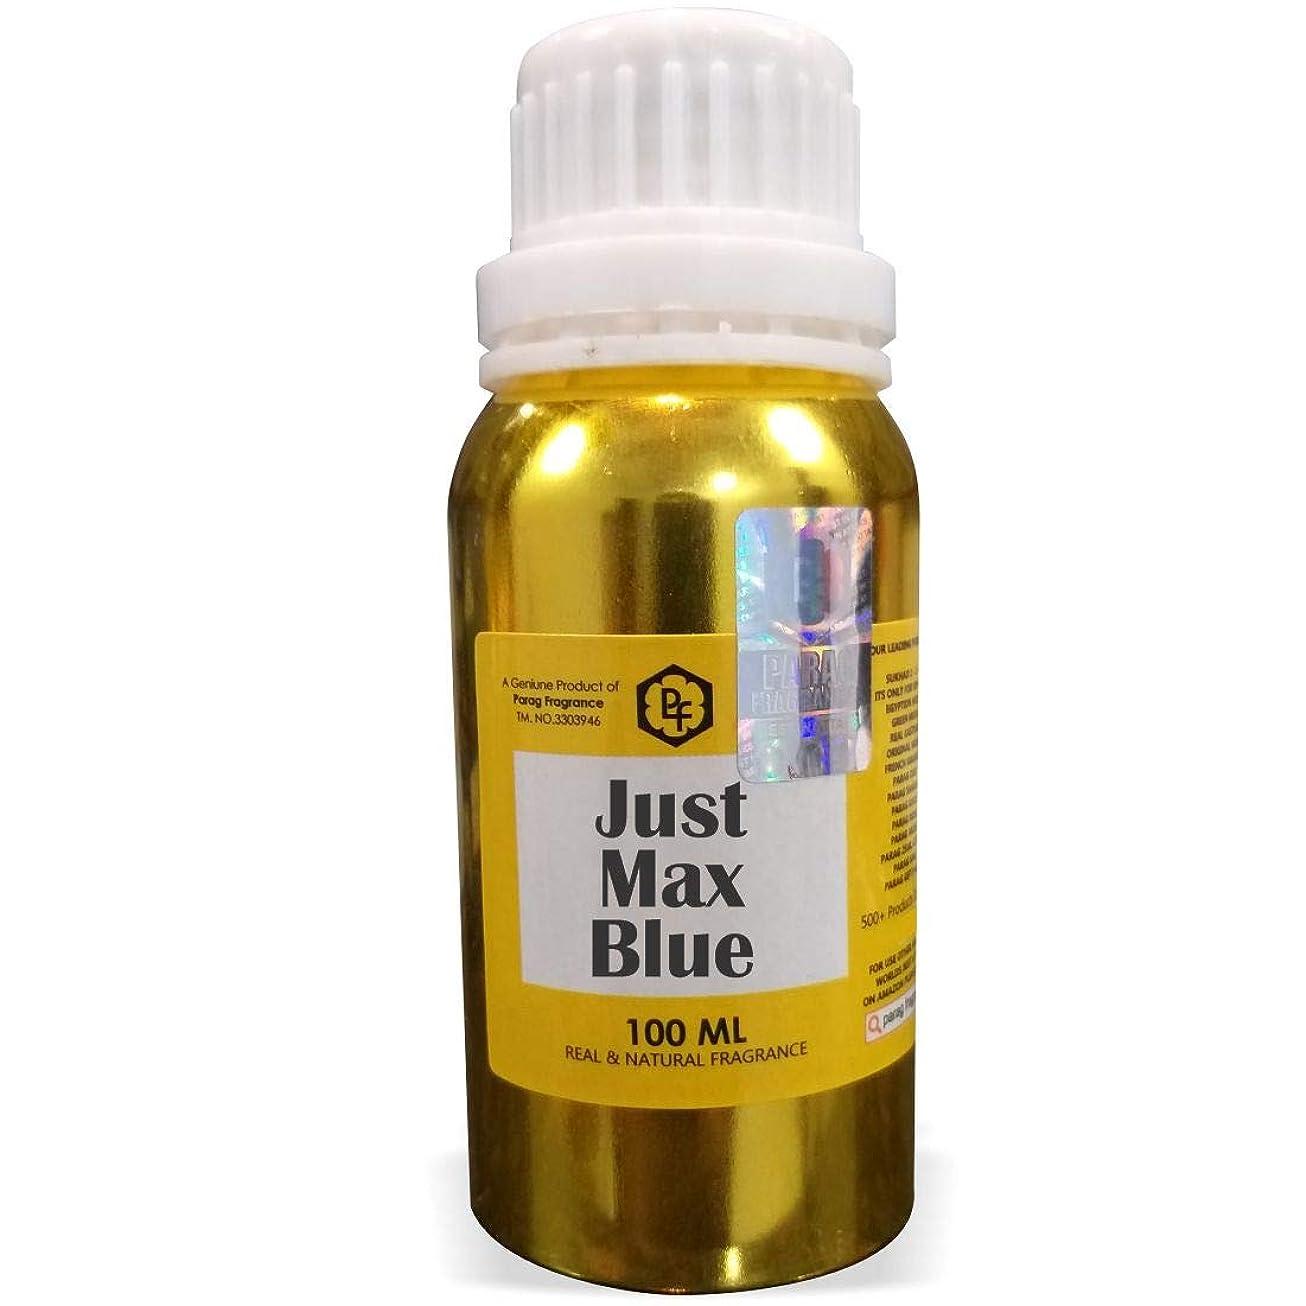 関与する推測する防止Paragフレグランスただ、マックスブルーアター100ミリリットル(男性用アルコールフリーアター)香油| 香り| ITRA